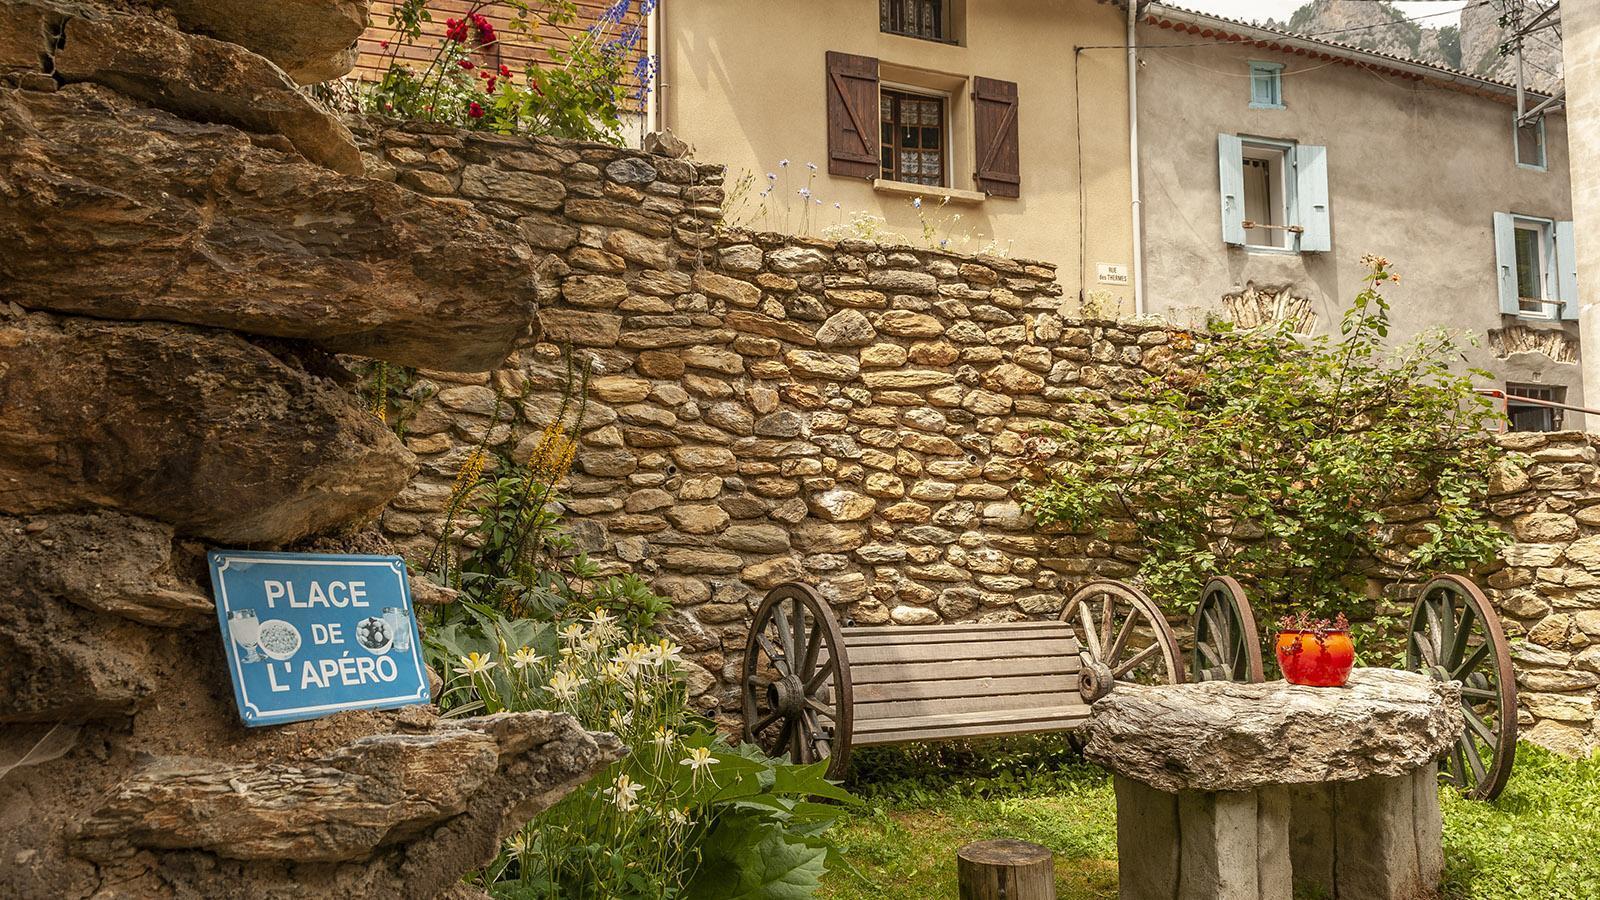 La Fajolle: der Platz für den Apero. Foto: Hilke Maunder